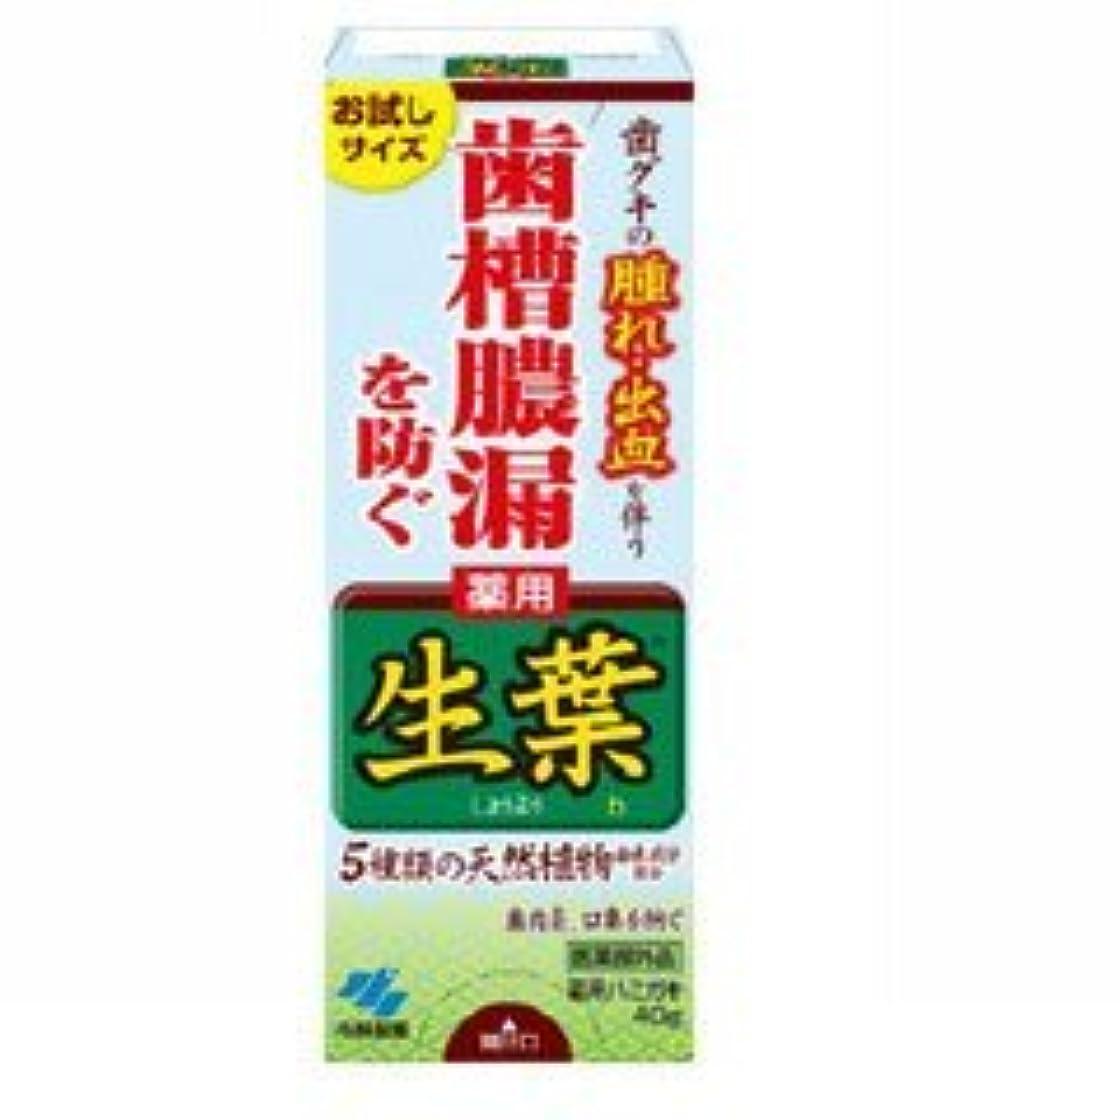 みなすポジション踏みつけ【小林製薬】生葉 お試しサイズ 40g